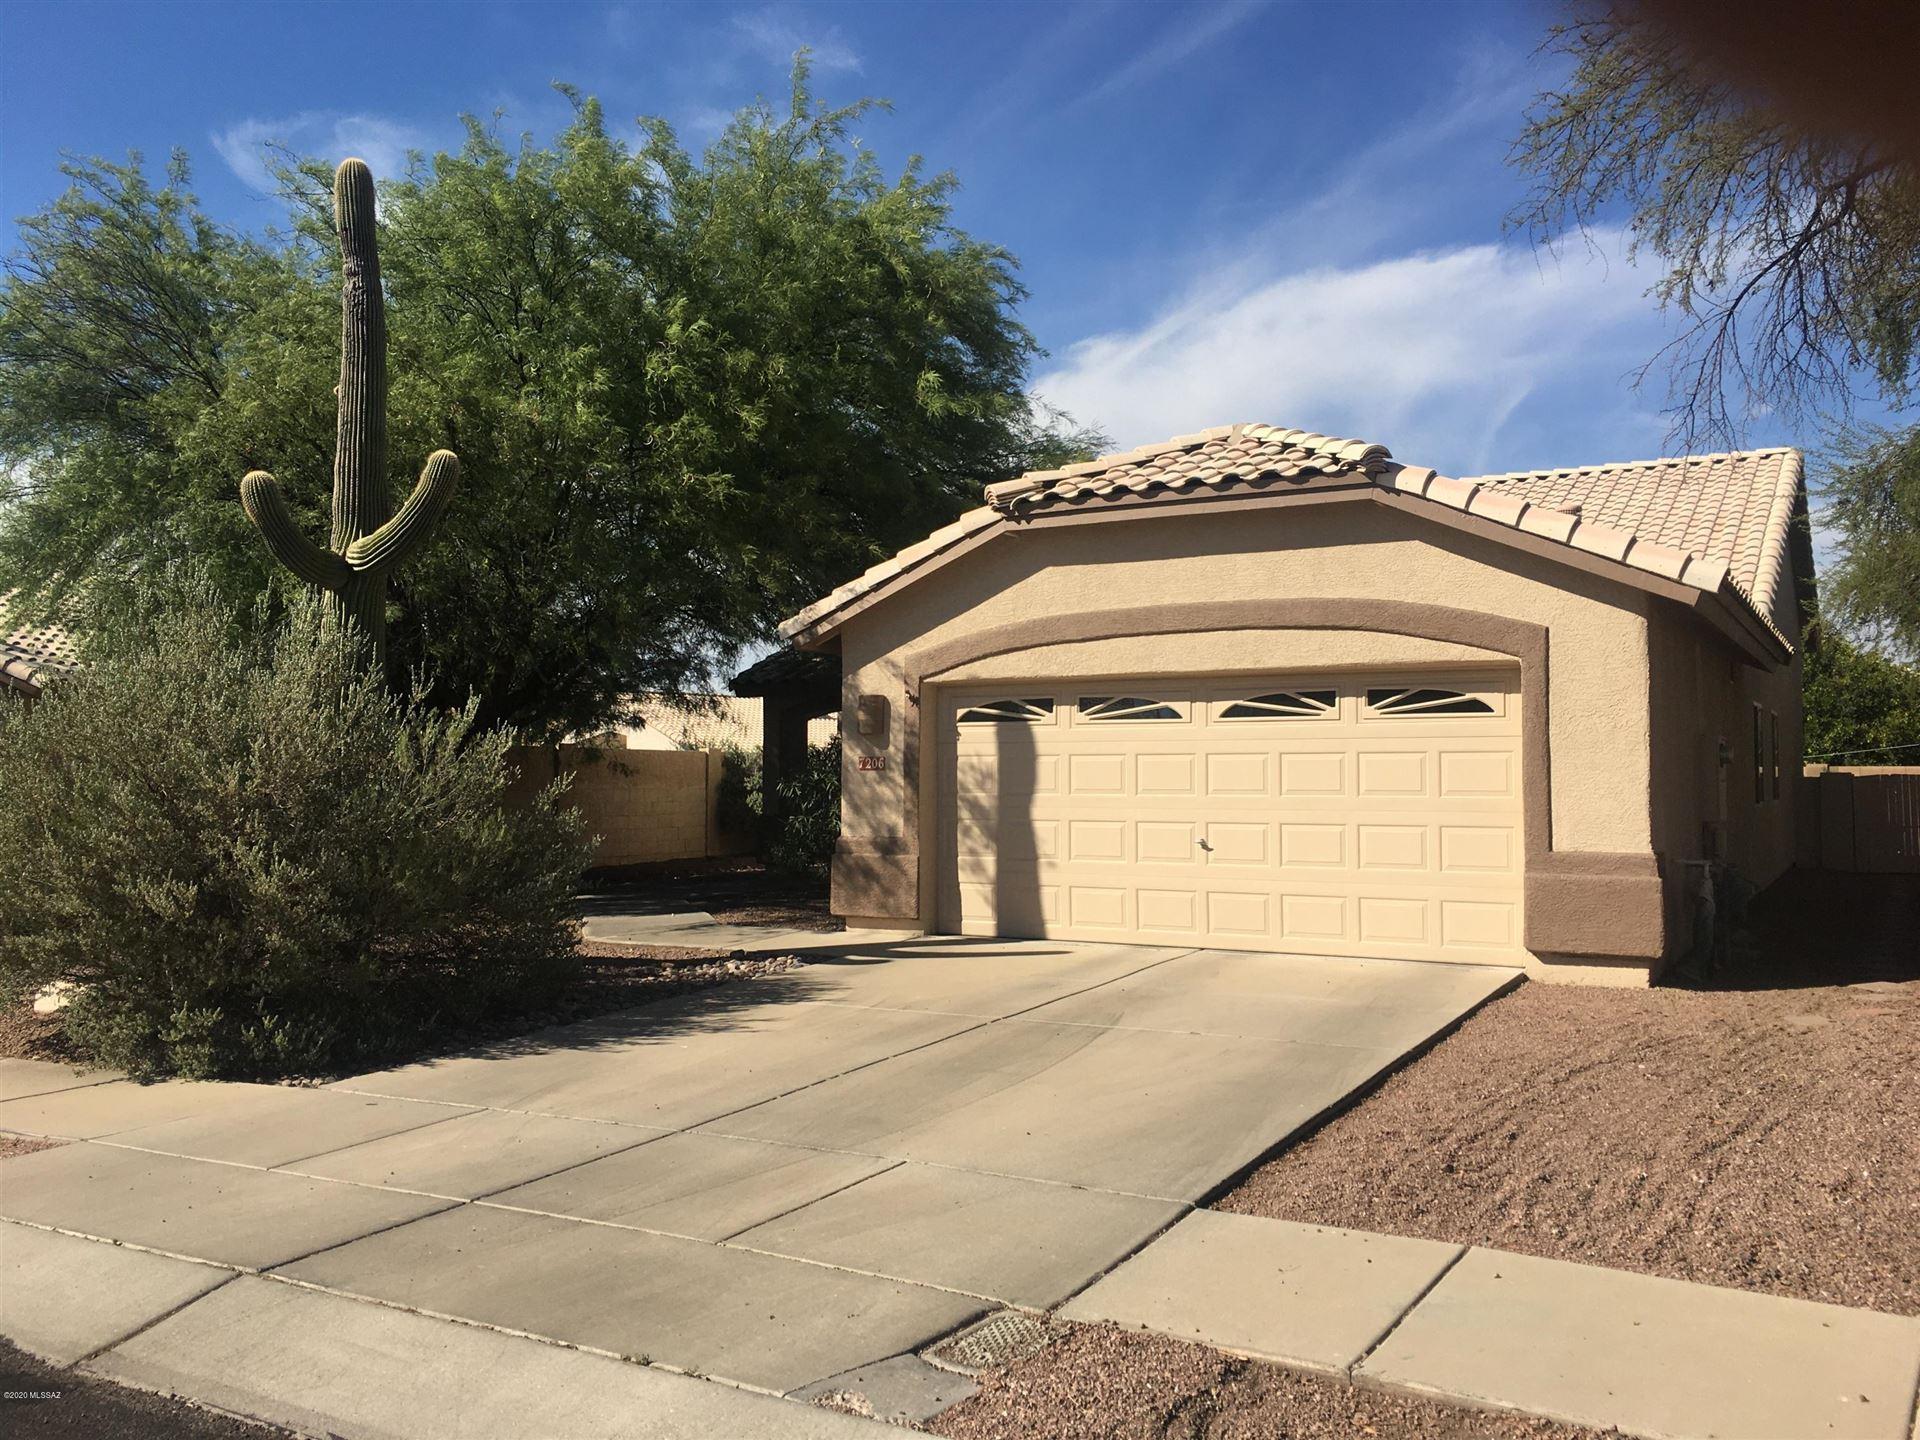 7206 W Kiwi Lane, Tucson, AZ 85743 - #: 22015911